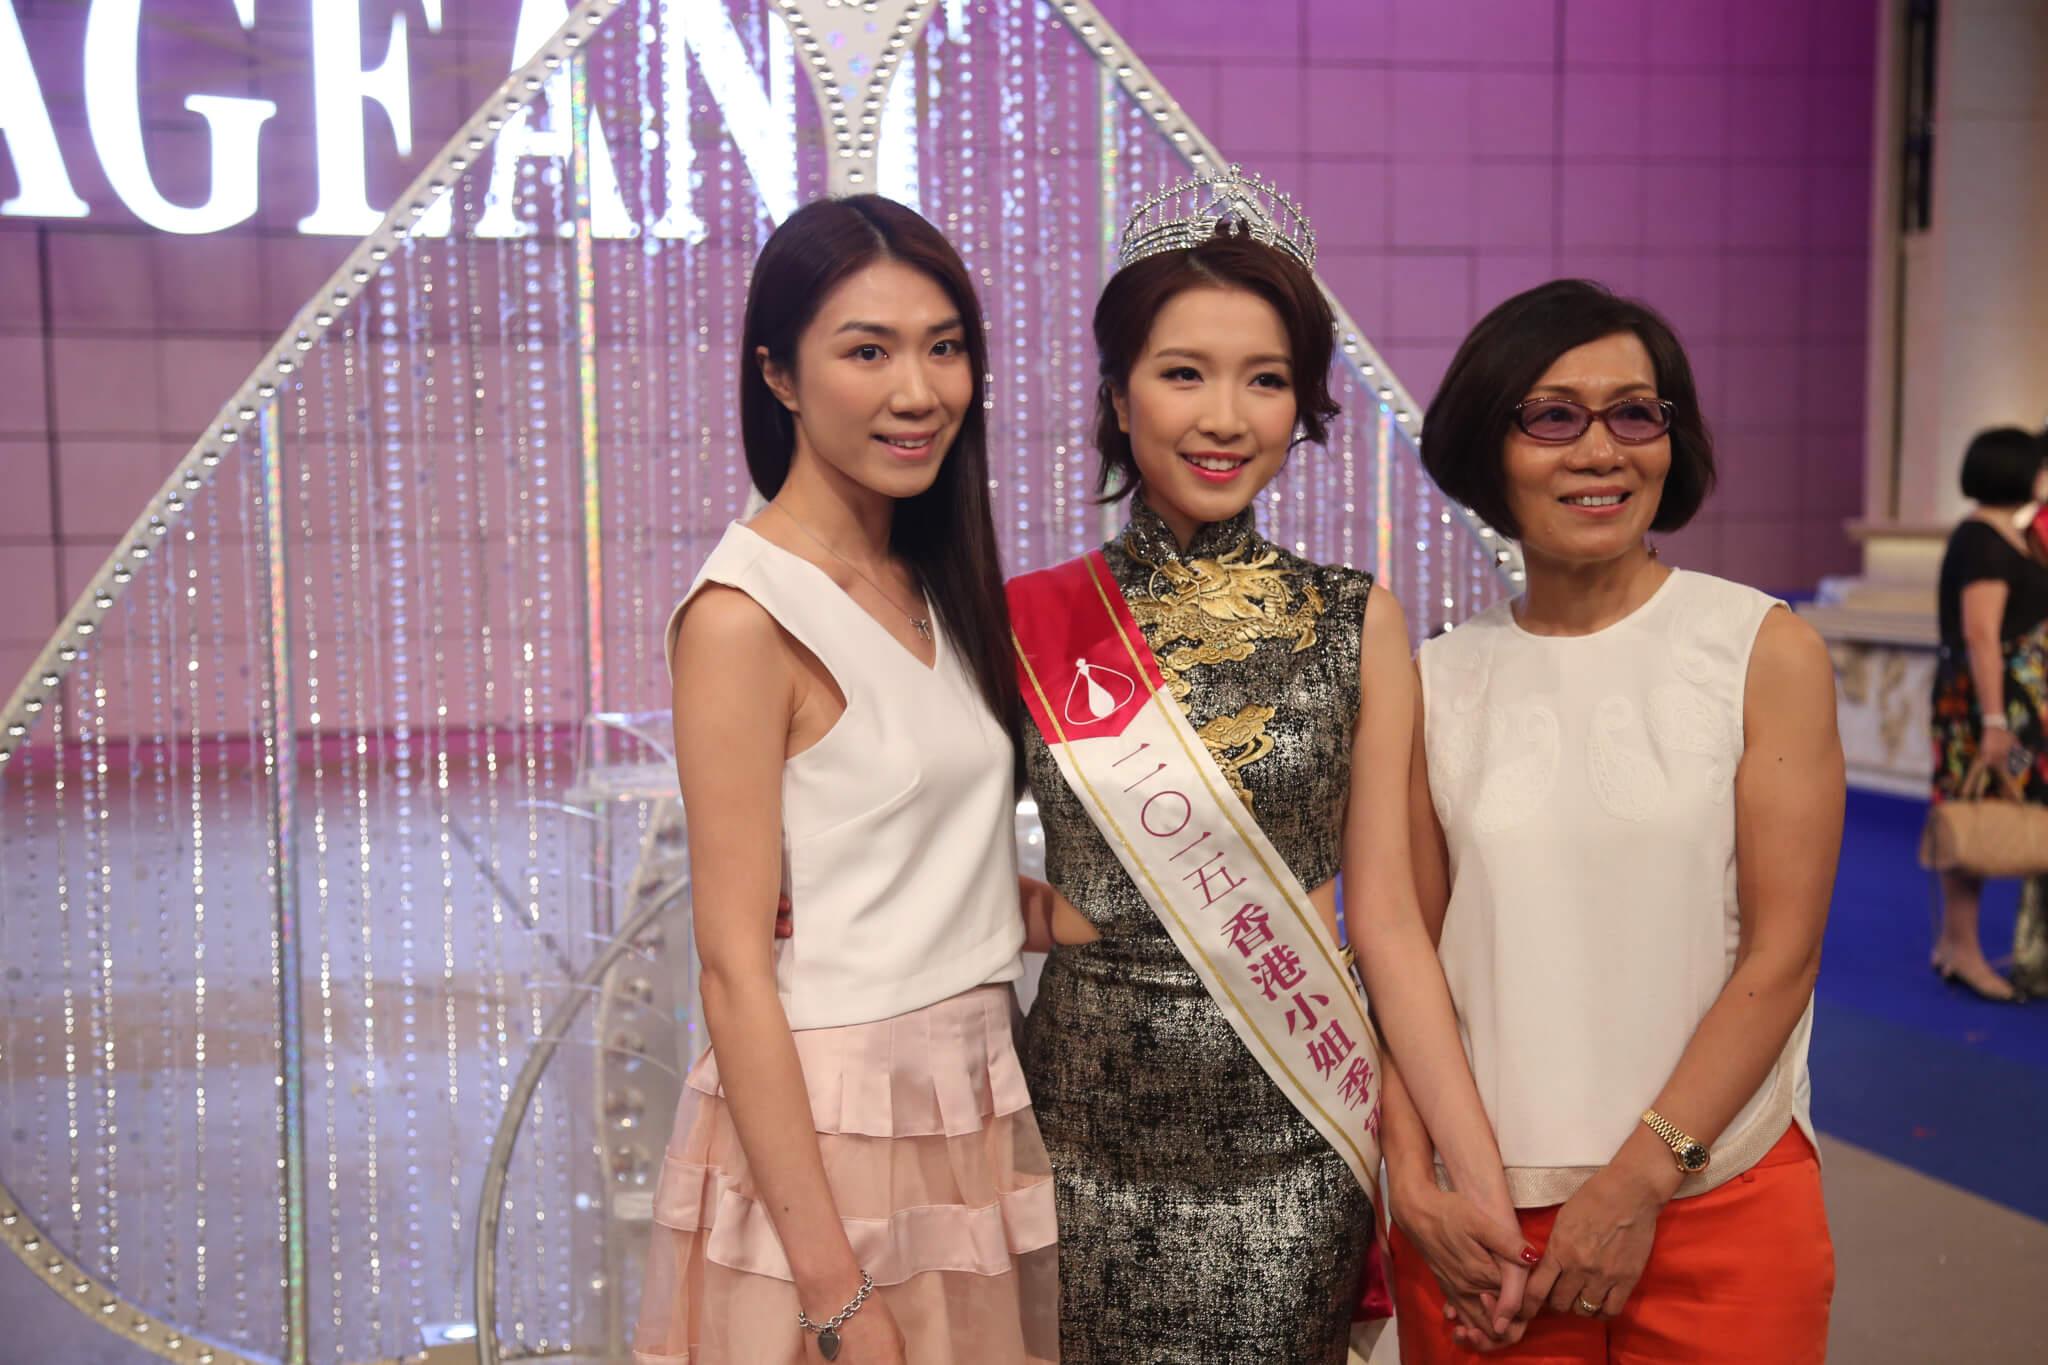 大學畢業後,郭嘉文在家人支持下參選香港小姐,拉票時家人亦有現身。